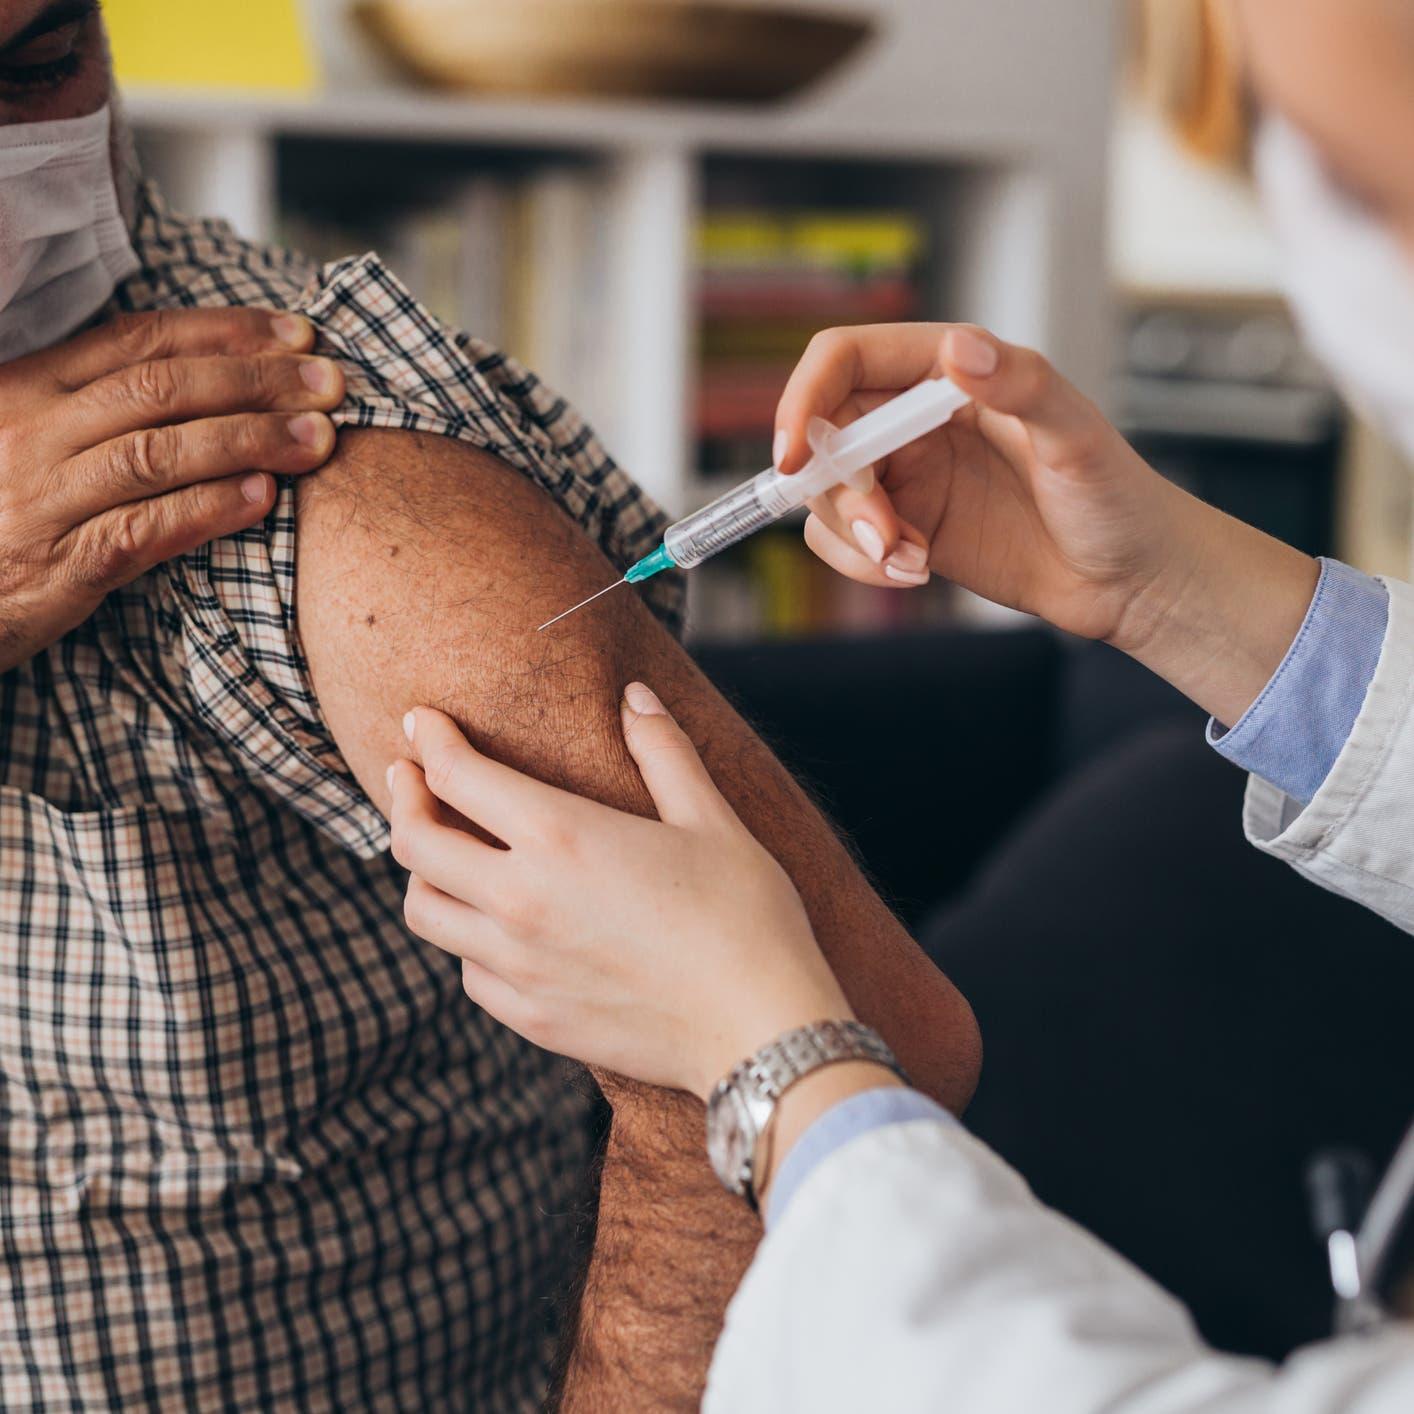 """منظمة التجارة: تسوية """"مرتقبة"""" حول براءات اللقاحات بحلول ديسمبر"""